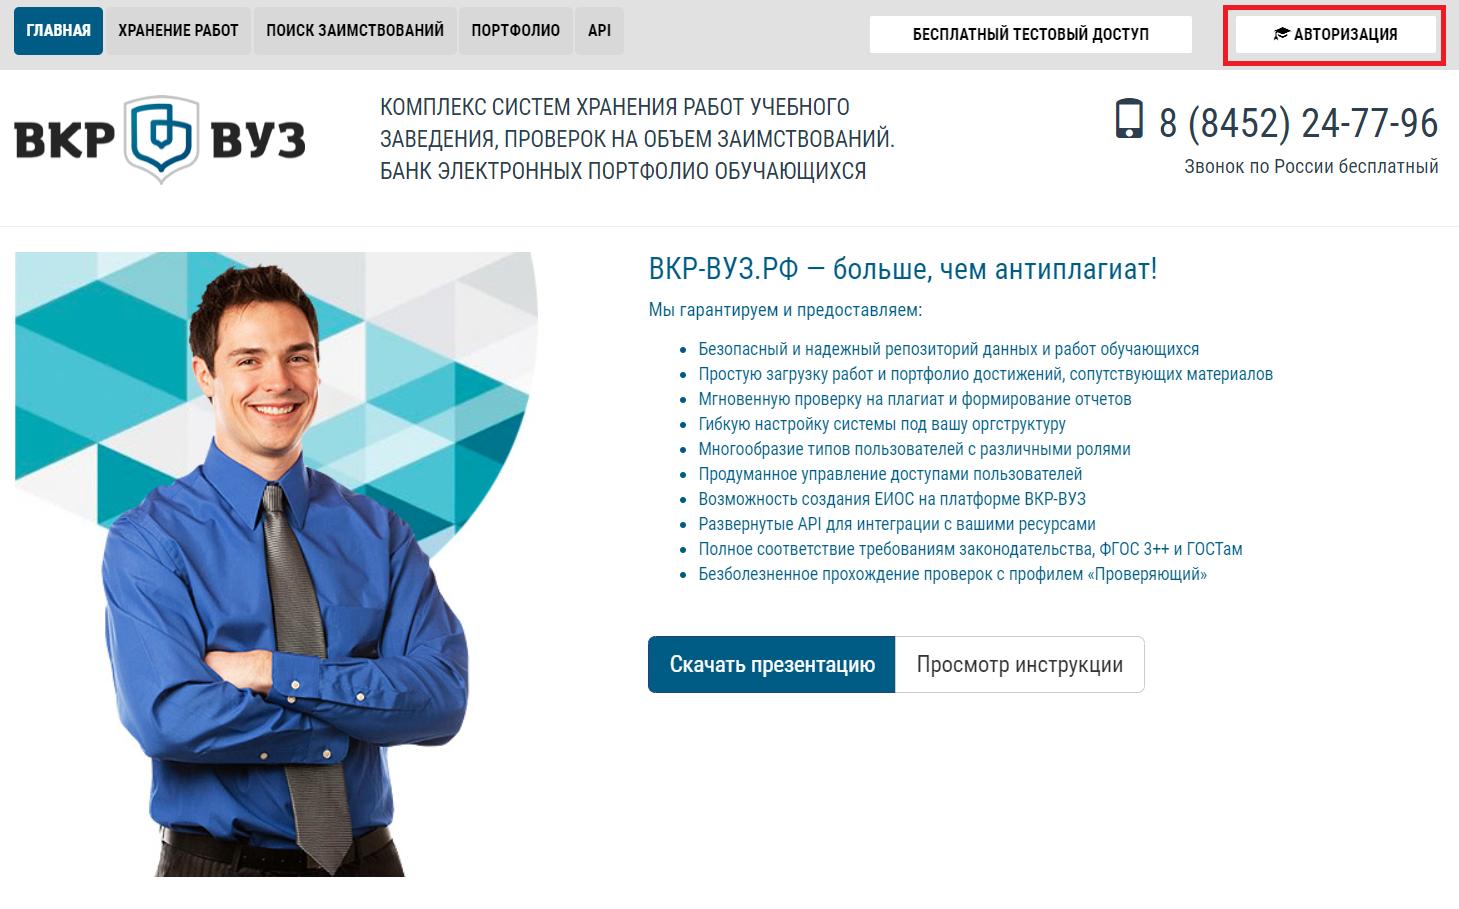 Официальный сайт ВКР ВУЗ